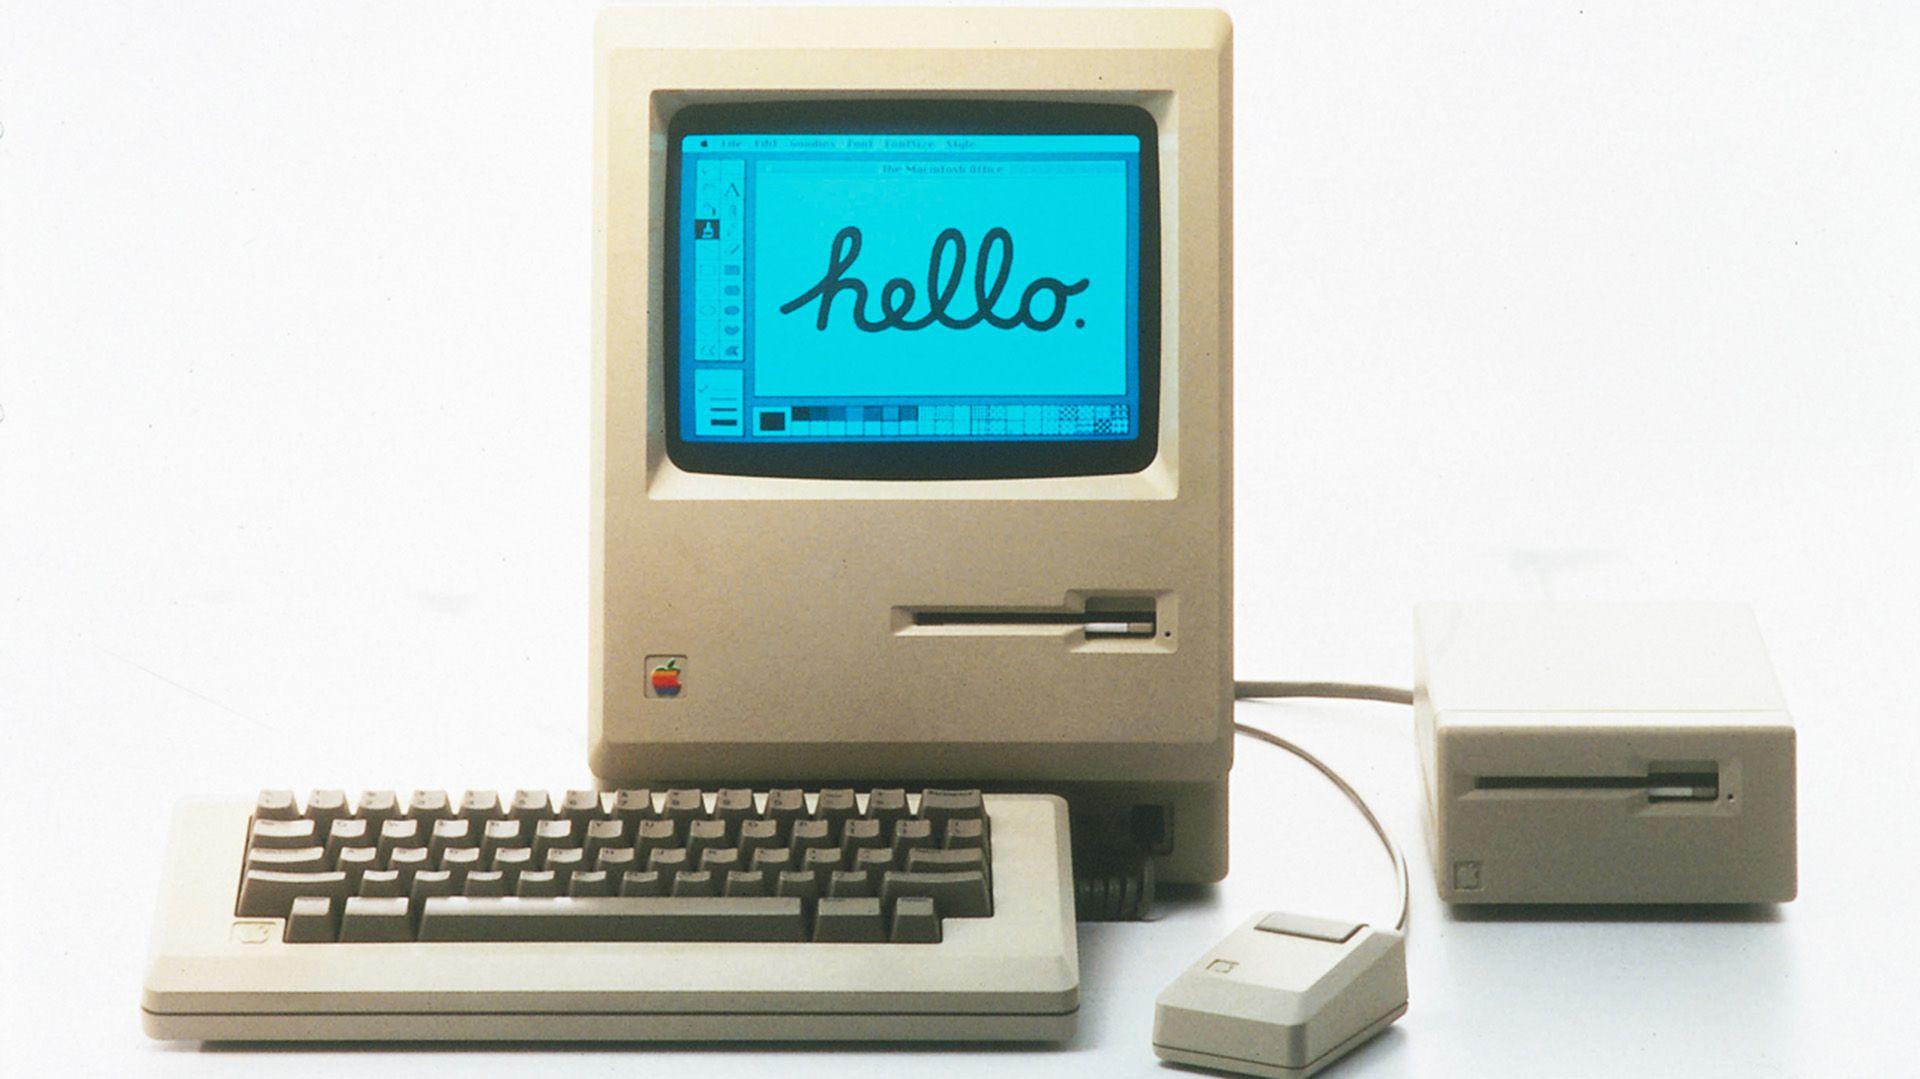 La Macintosh fue una éxito cuando salió, pero pronto se vio rebasada por porductos más baratos y simples. (Foto: Apple)